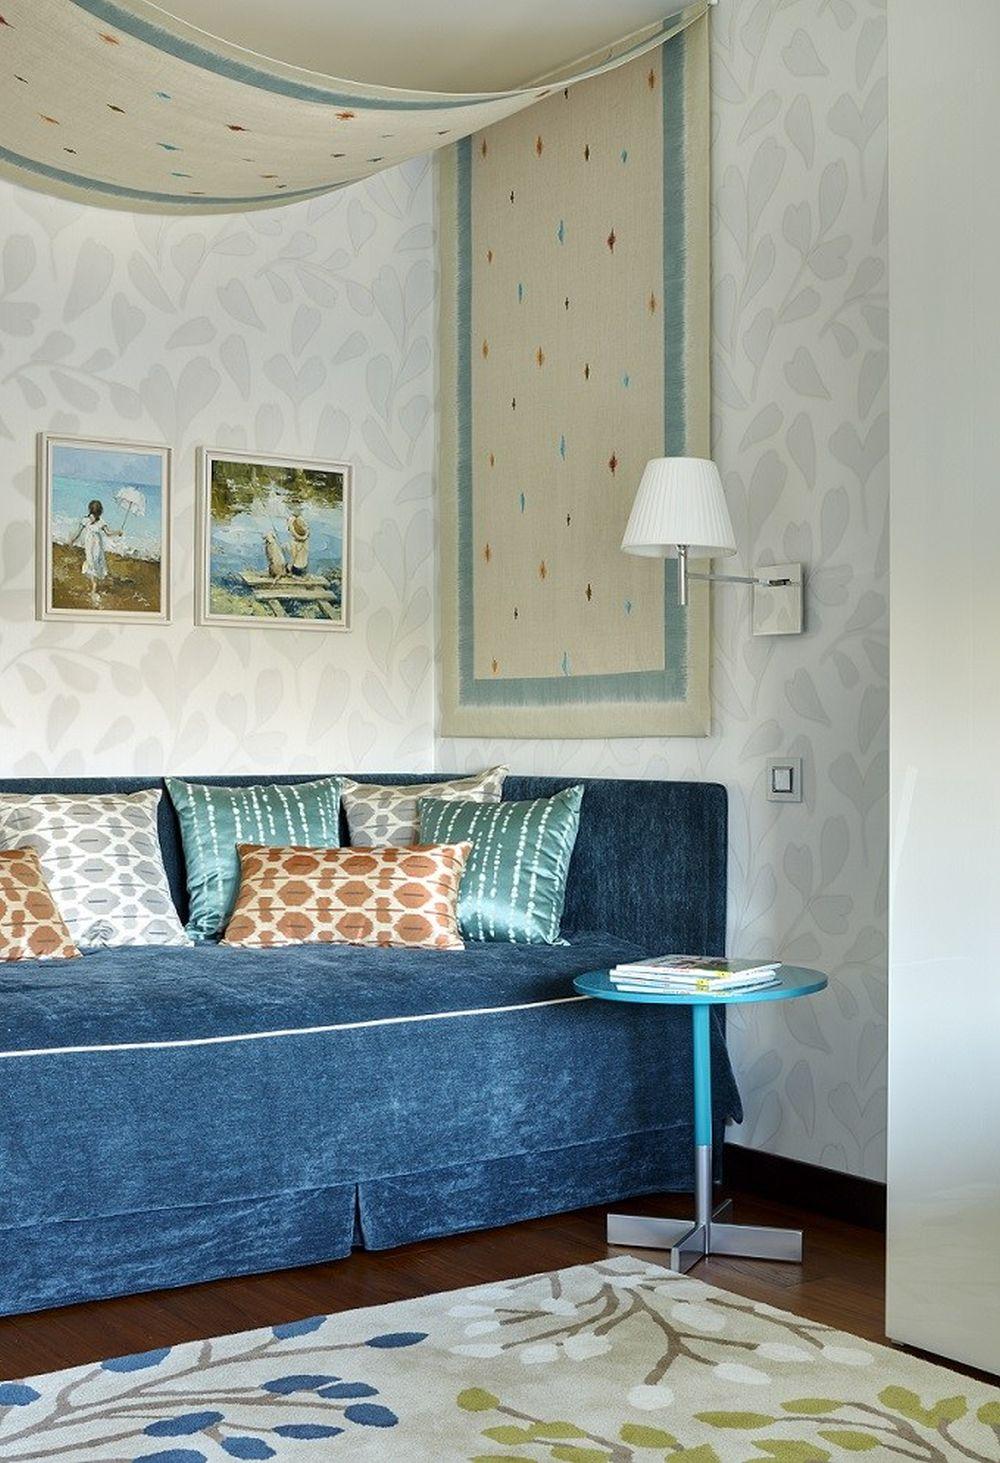 adelaparvu.com despre apartament elegant de 4 camere, Moscova, Designer Veronica Sudnikova, Foto Sergey Ananyev (16)